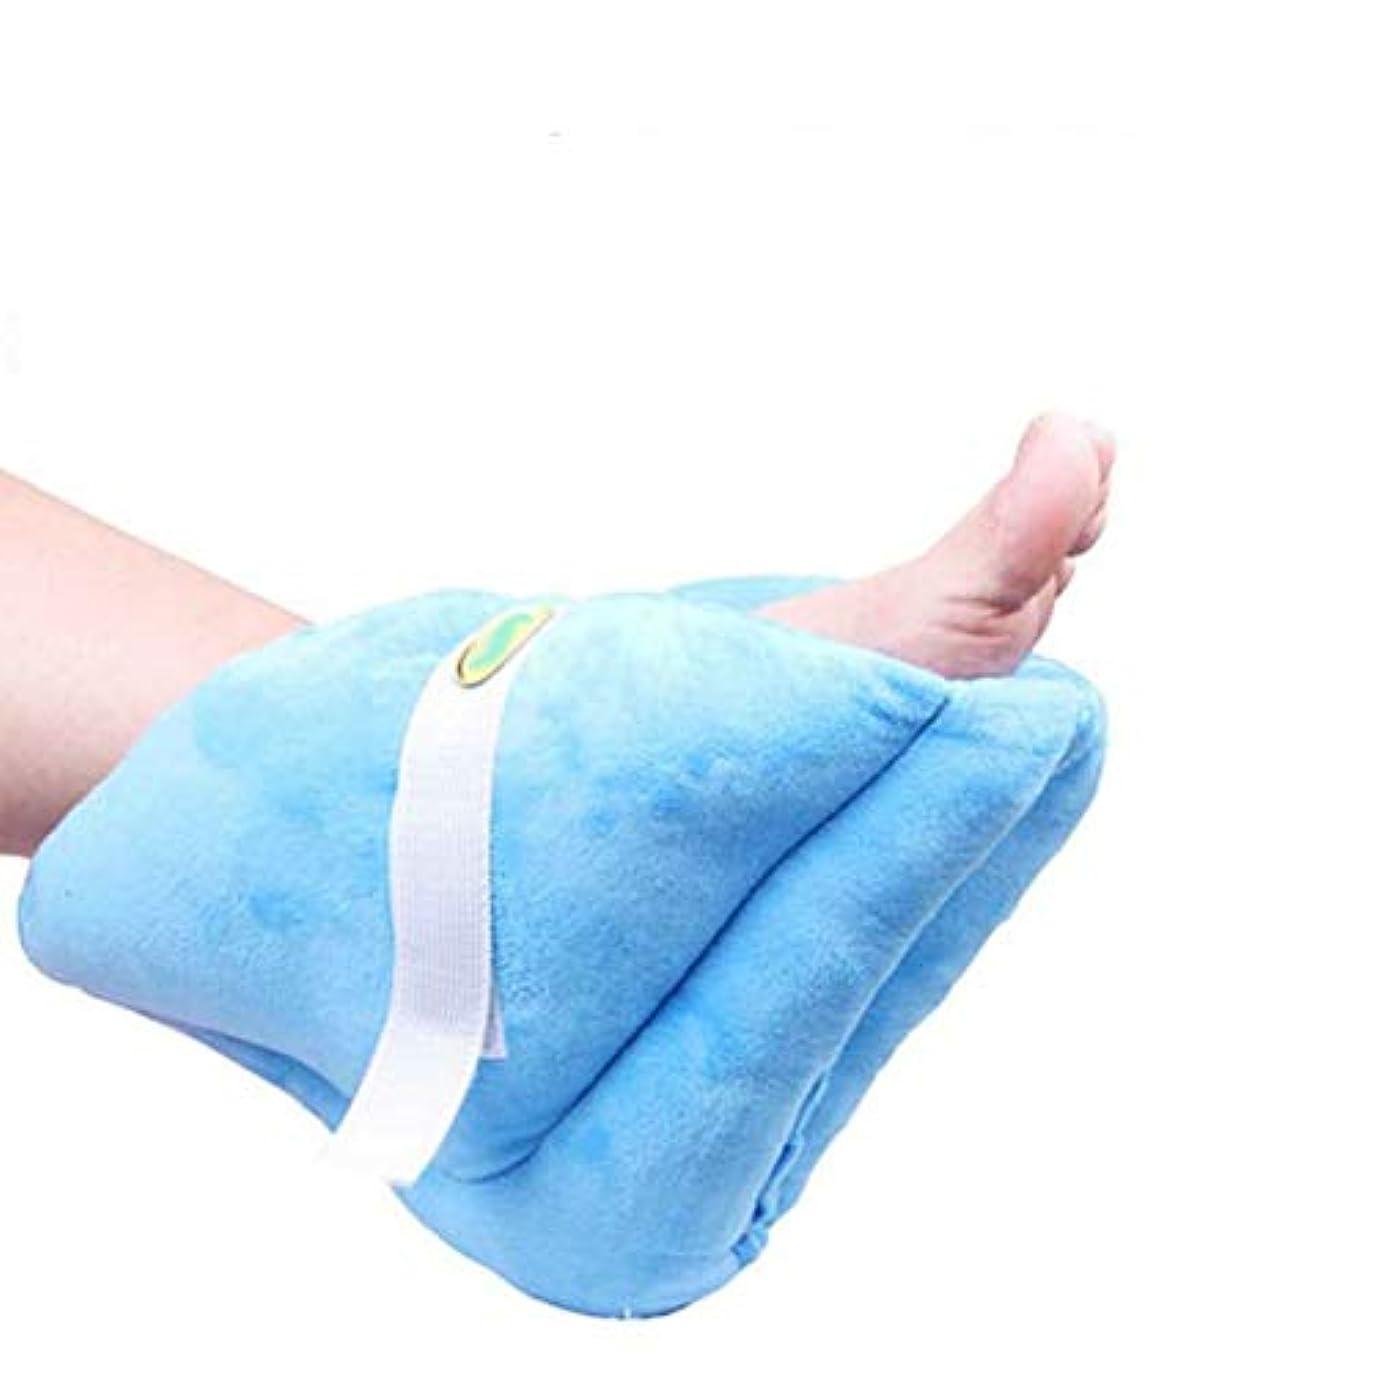 法王シンボル責めヒールクッションプロテクター - 足と足首の枕 - ヒール保護ガード - 足、肘、かかと - ベッド&褥瘡を保護します,1pc